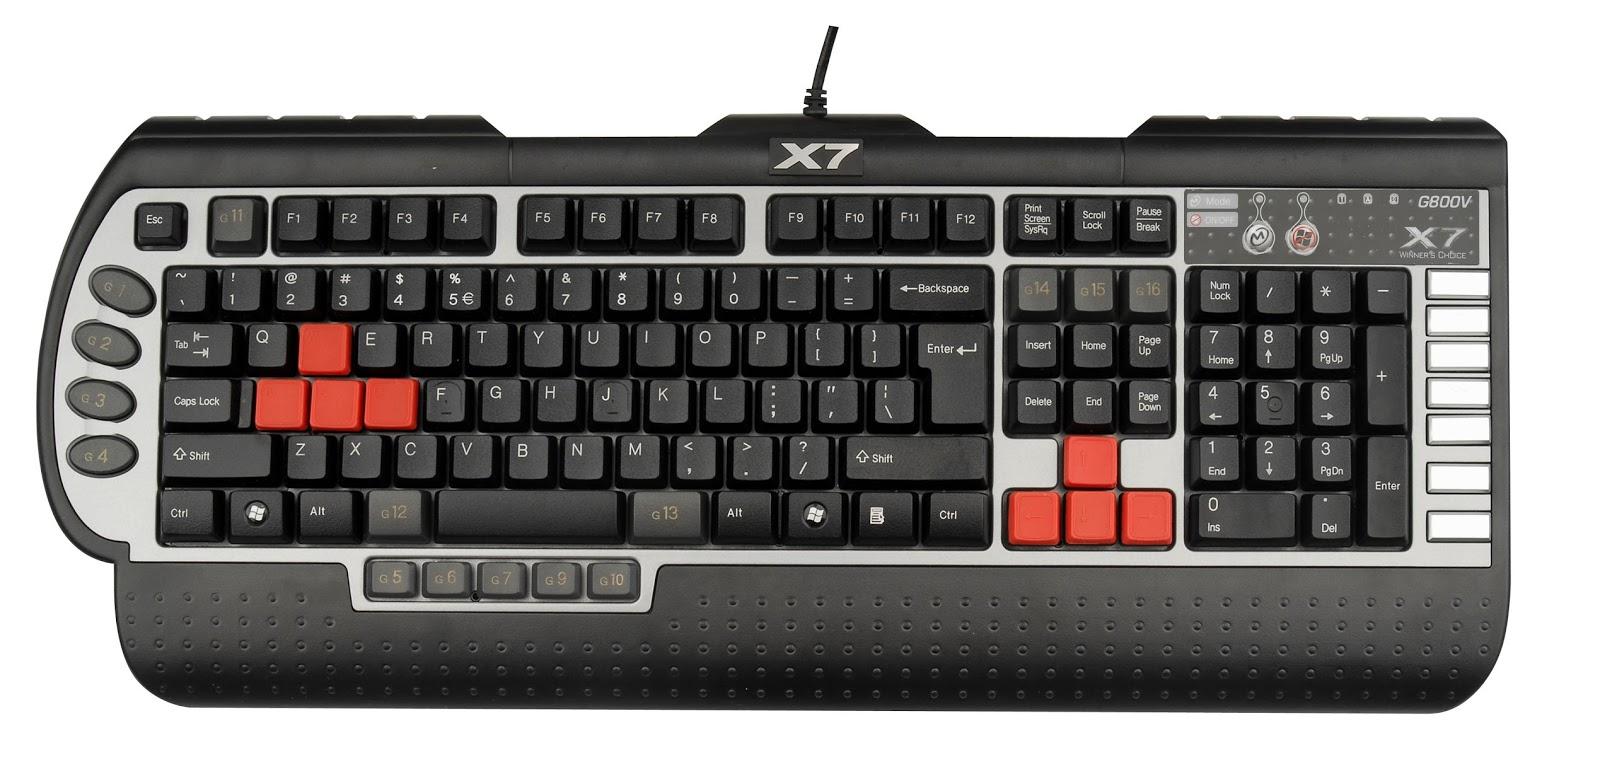 Keyboard Gaming Fantech K12 Outlaw X7 G800v Memang Berbeda Dengan Standar Pada Umum Nya Ini Dia Bentuk